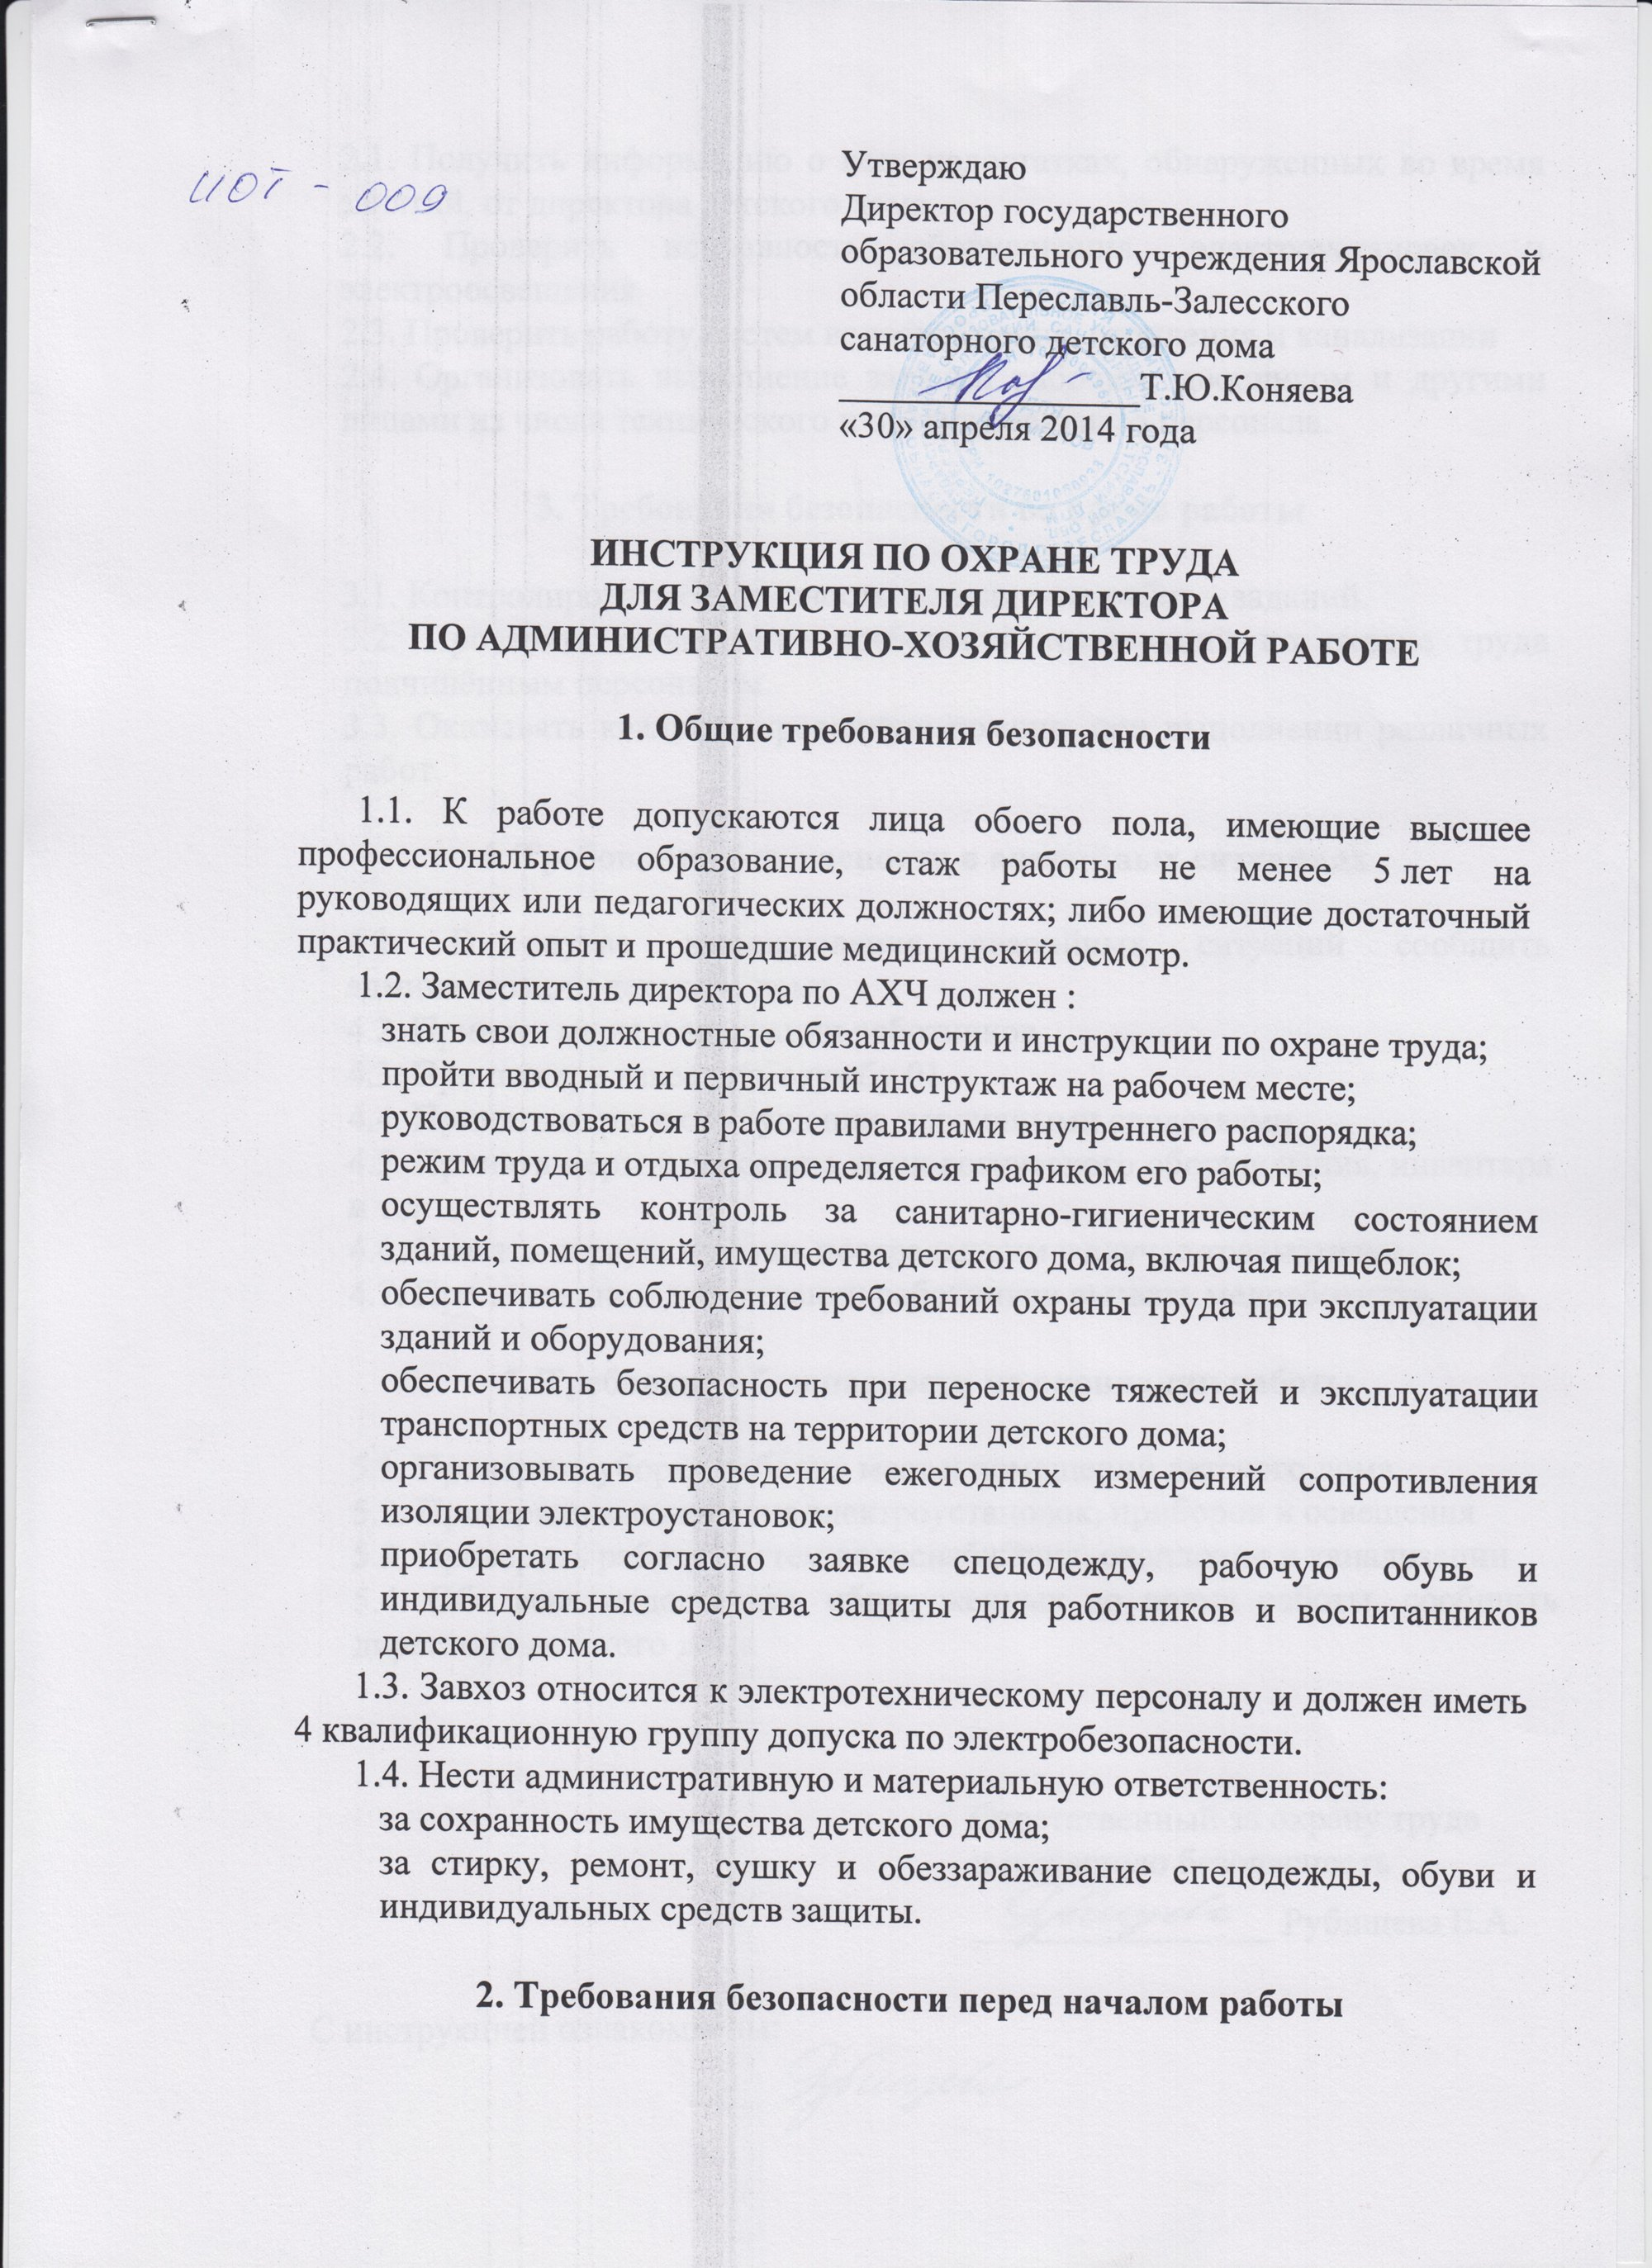 Заместитель директора детского дома по административно хозяйственной части инструкция